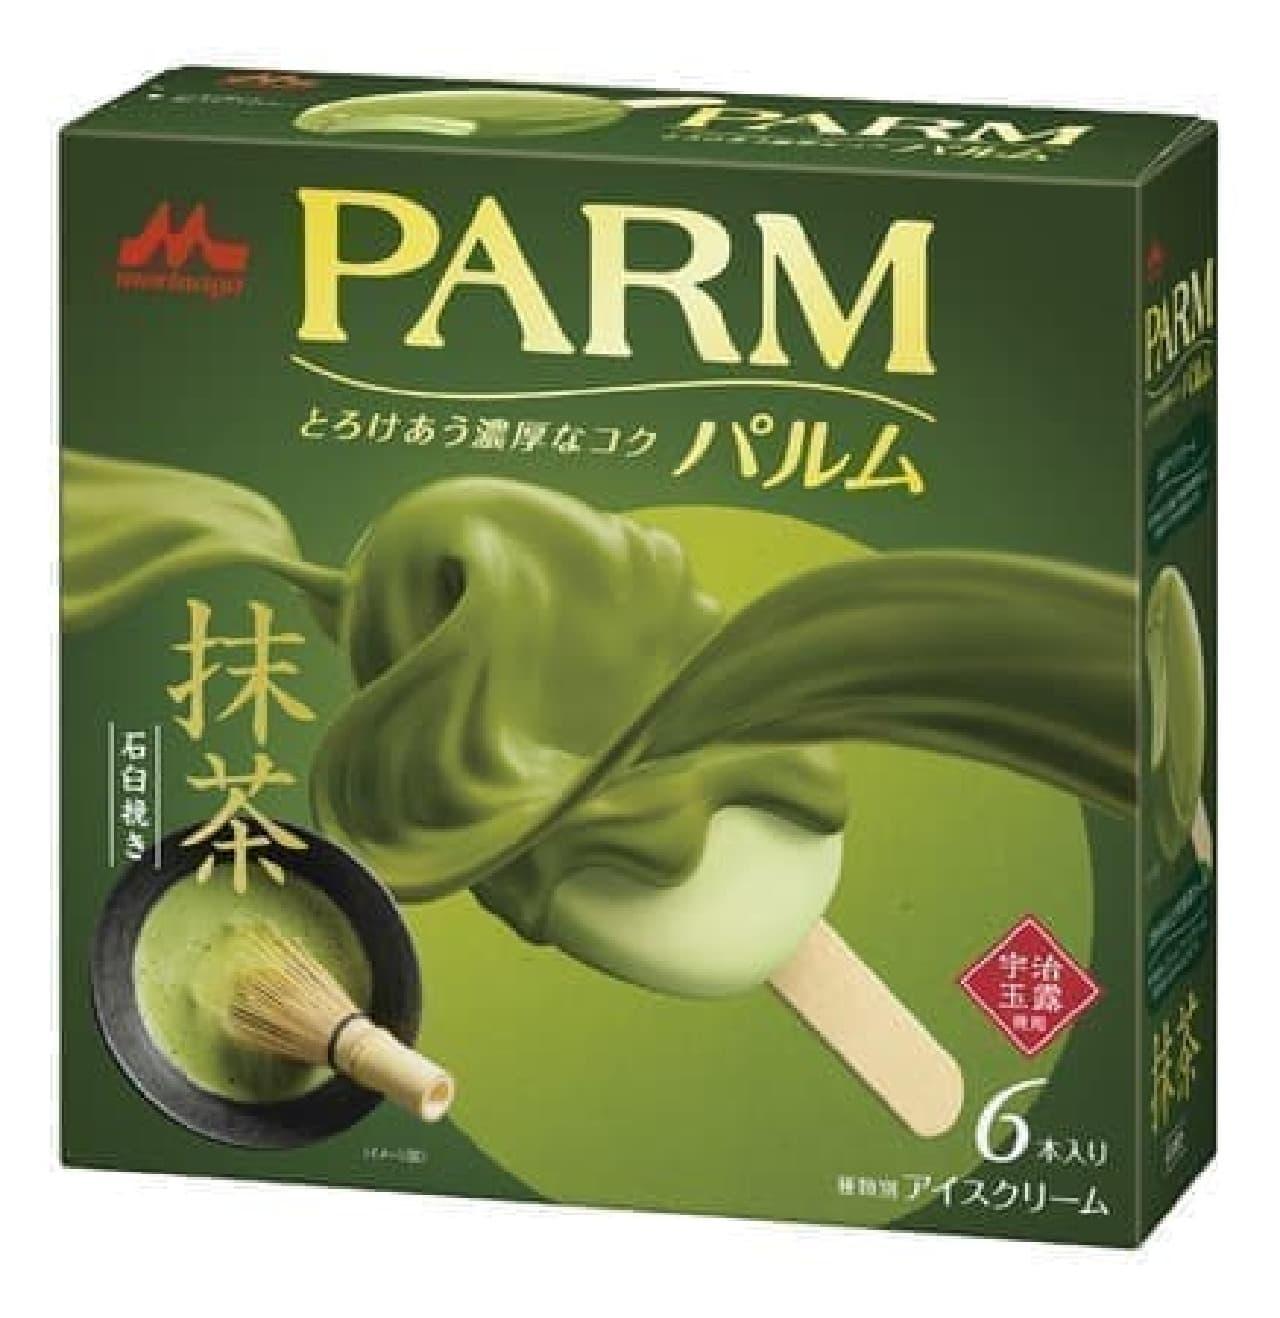 パルム抹茶リニューアル